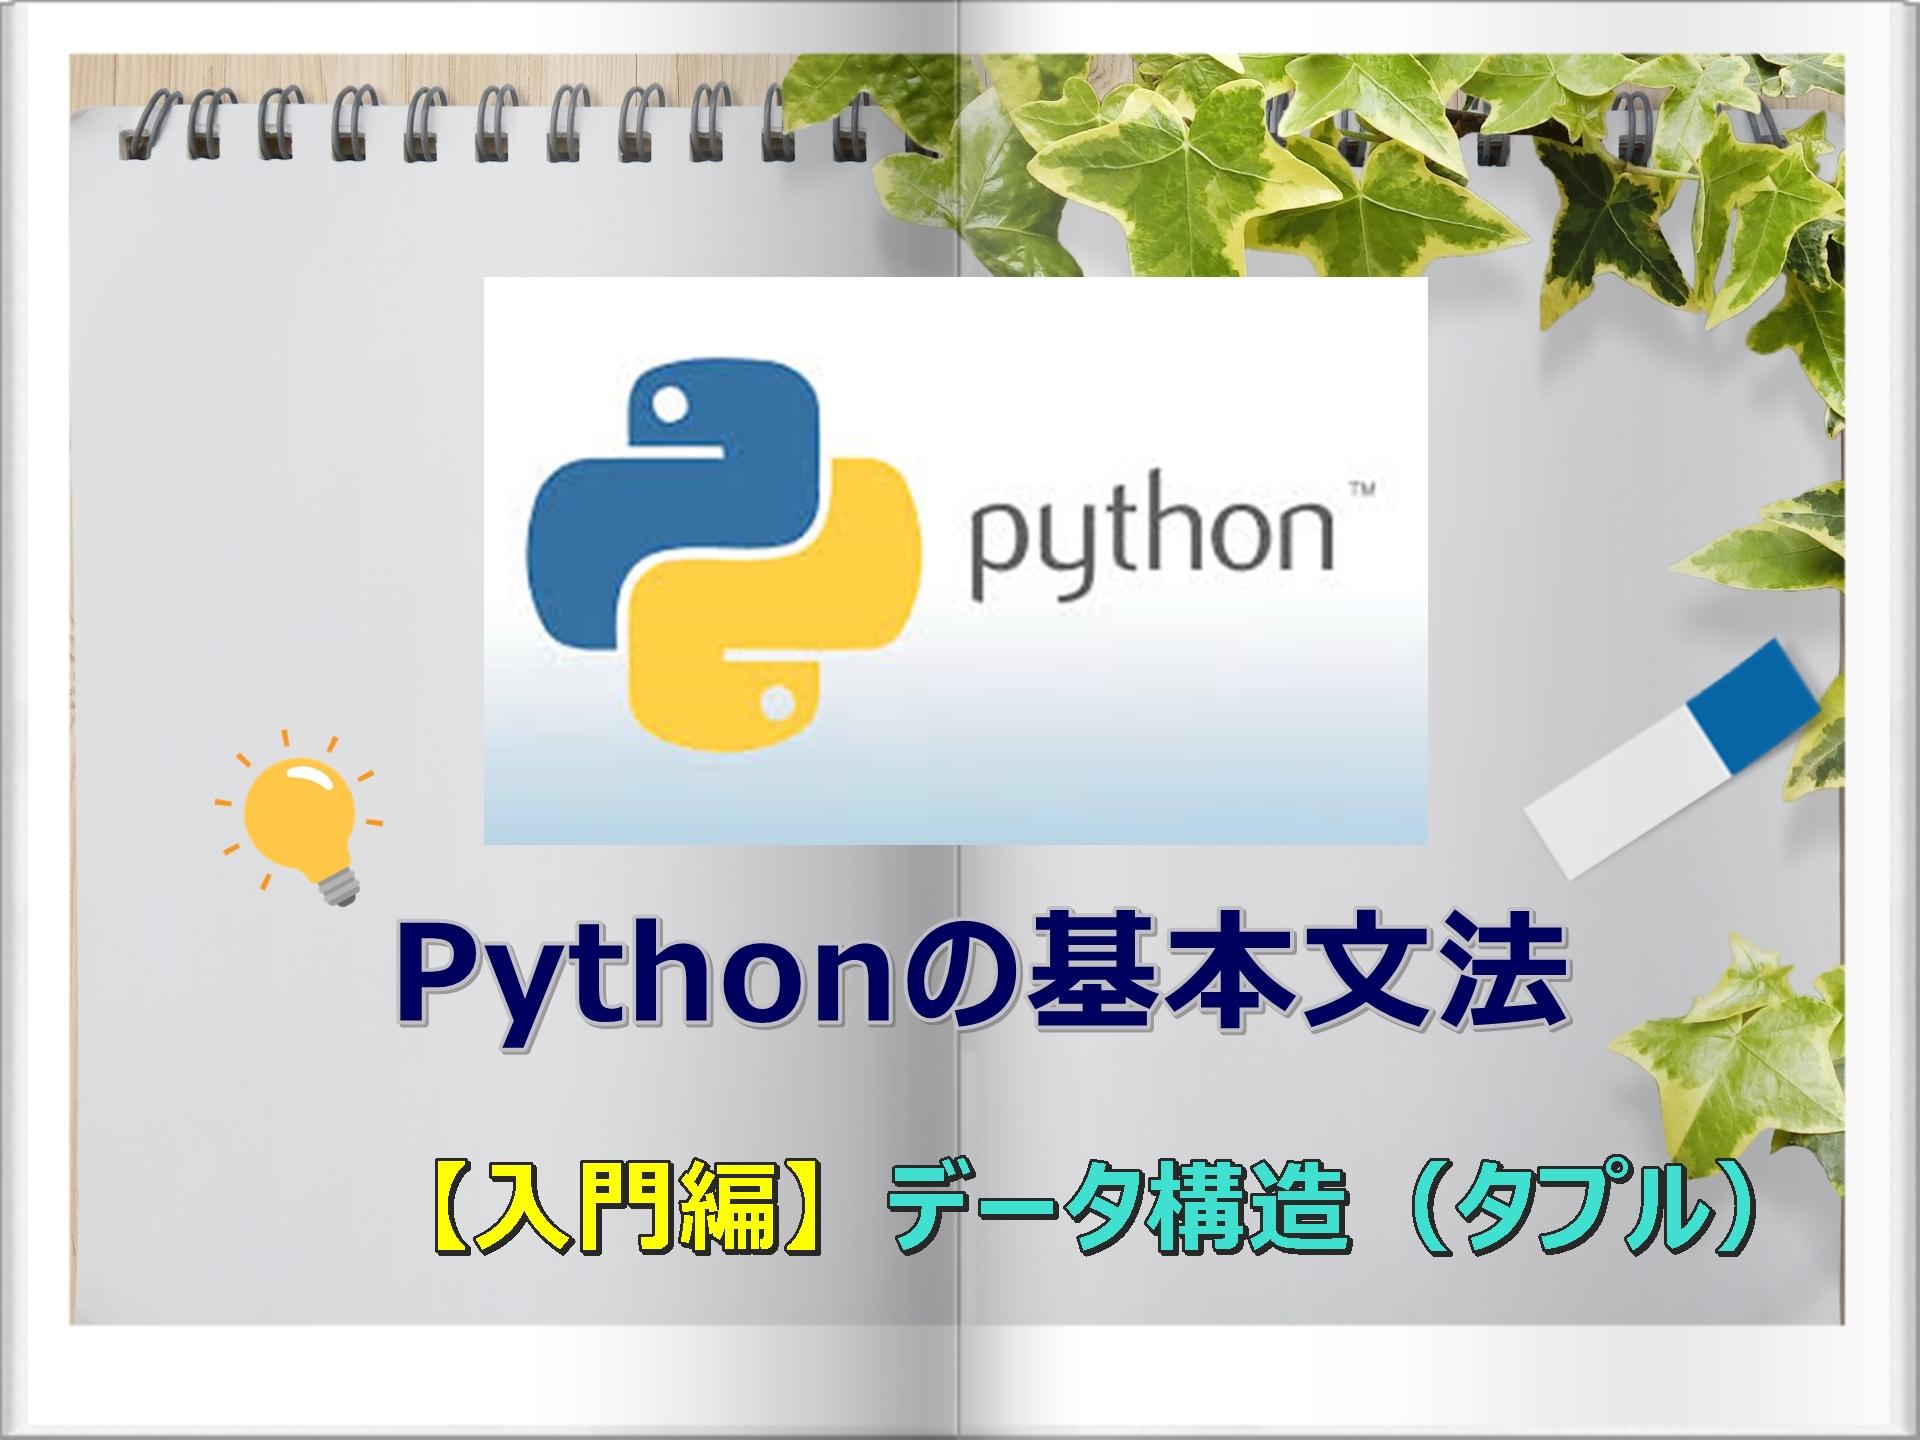 Pythonの基本文法_入門編_データ構造(タプル)